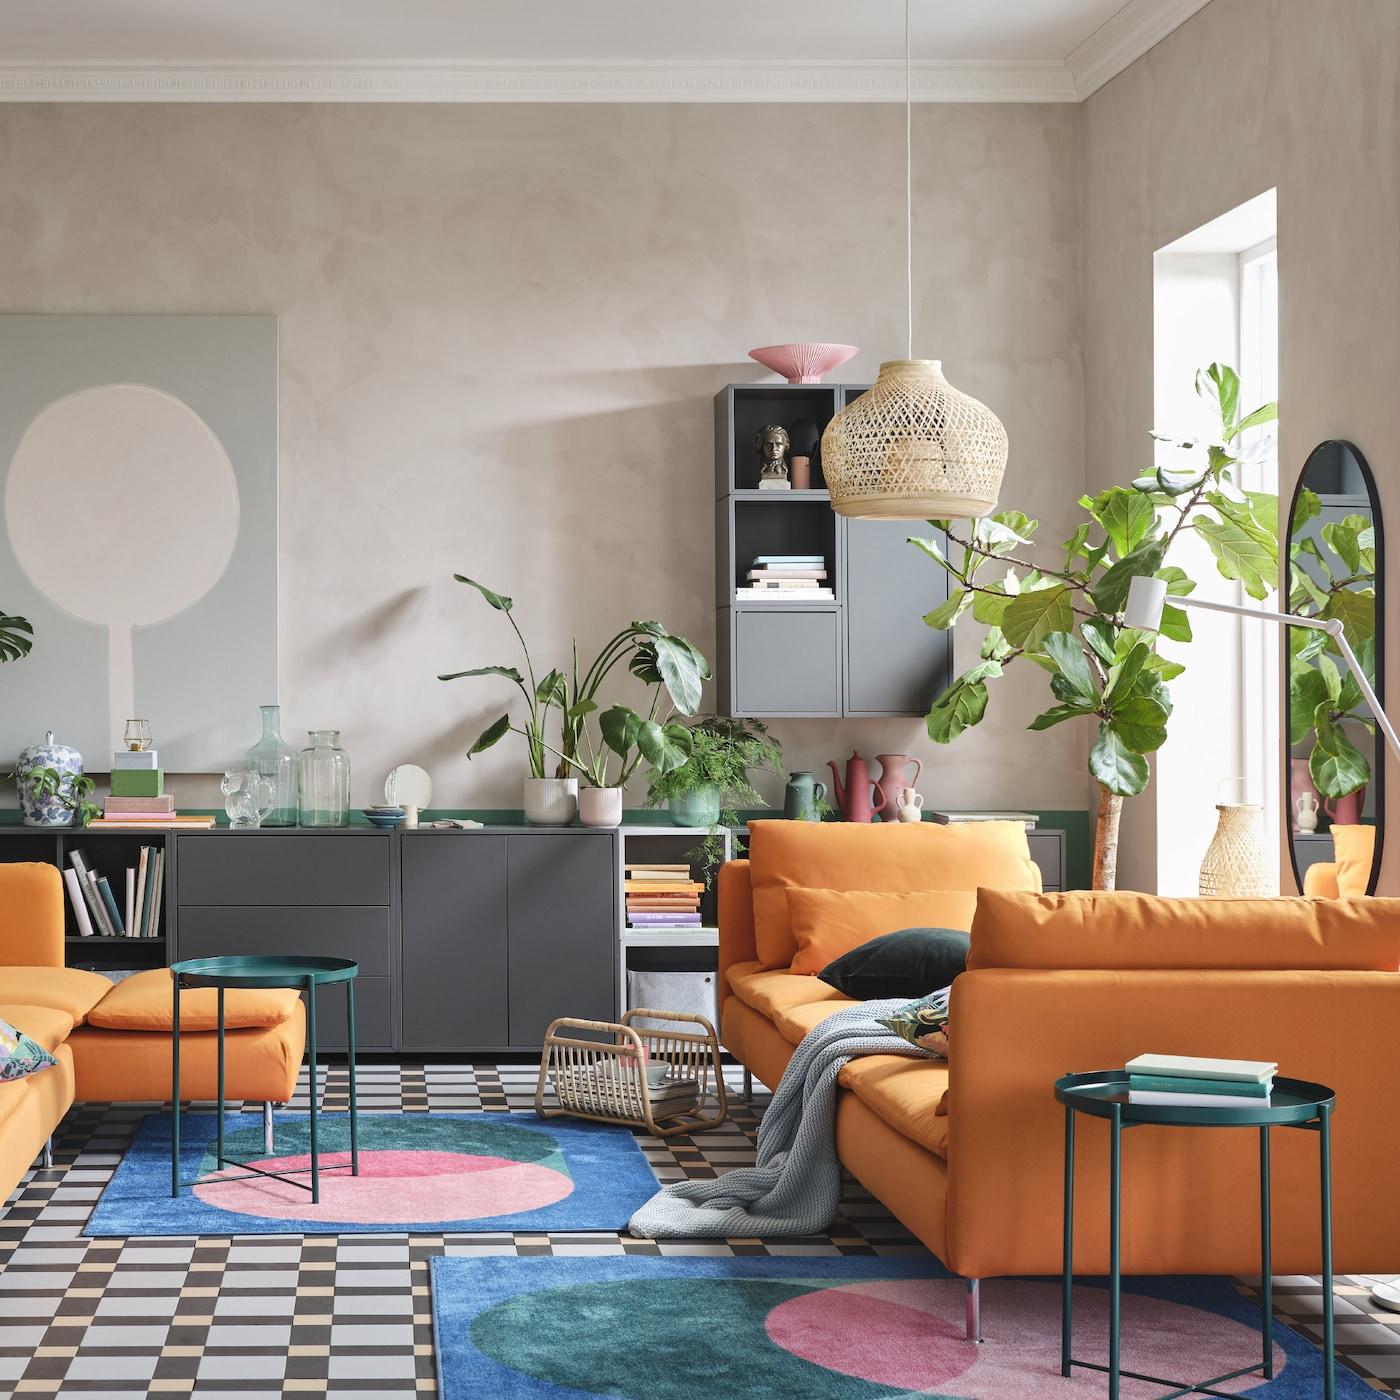 Een woonkamer met de SÖDERHAMN bank en chaise longues in oranje, een grijze kast, kleurrijke tapijten en groene dienbladtafels.